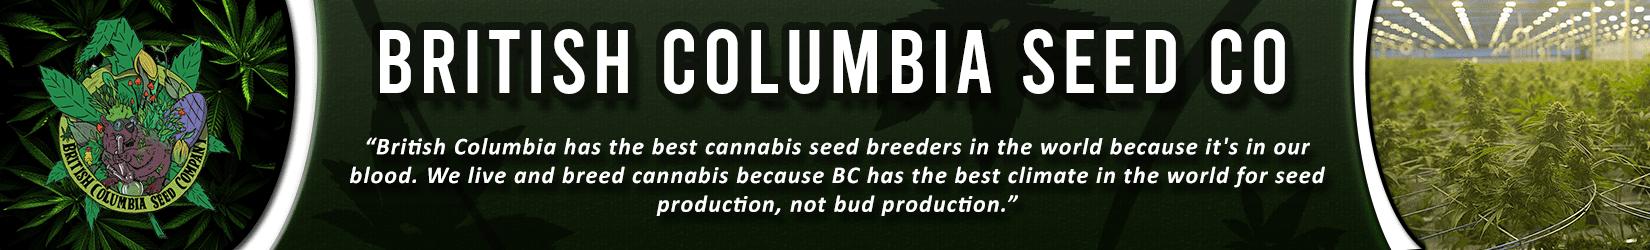 Cannabis Seeds Breeder - British Columbia